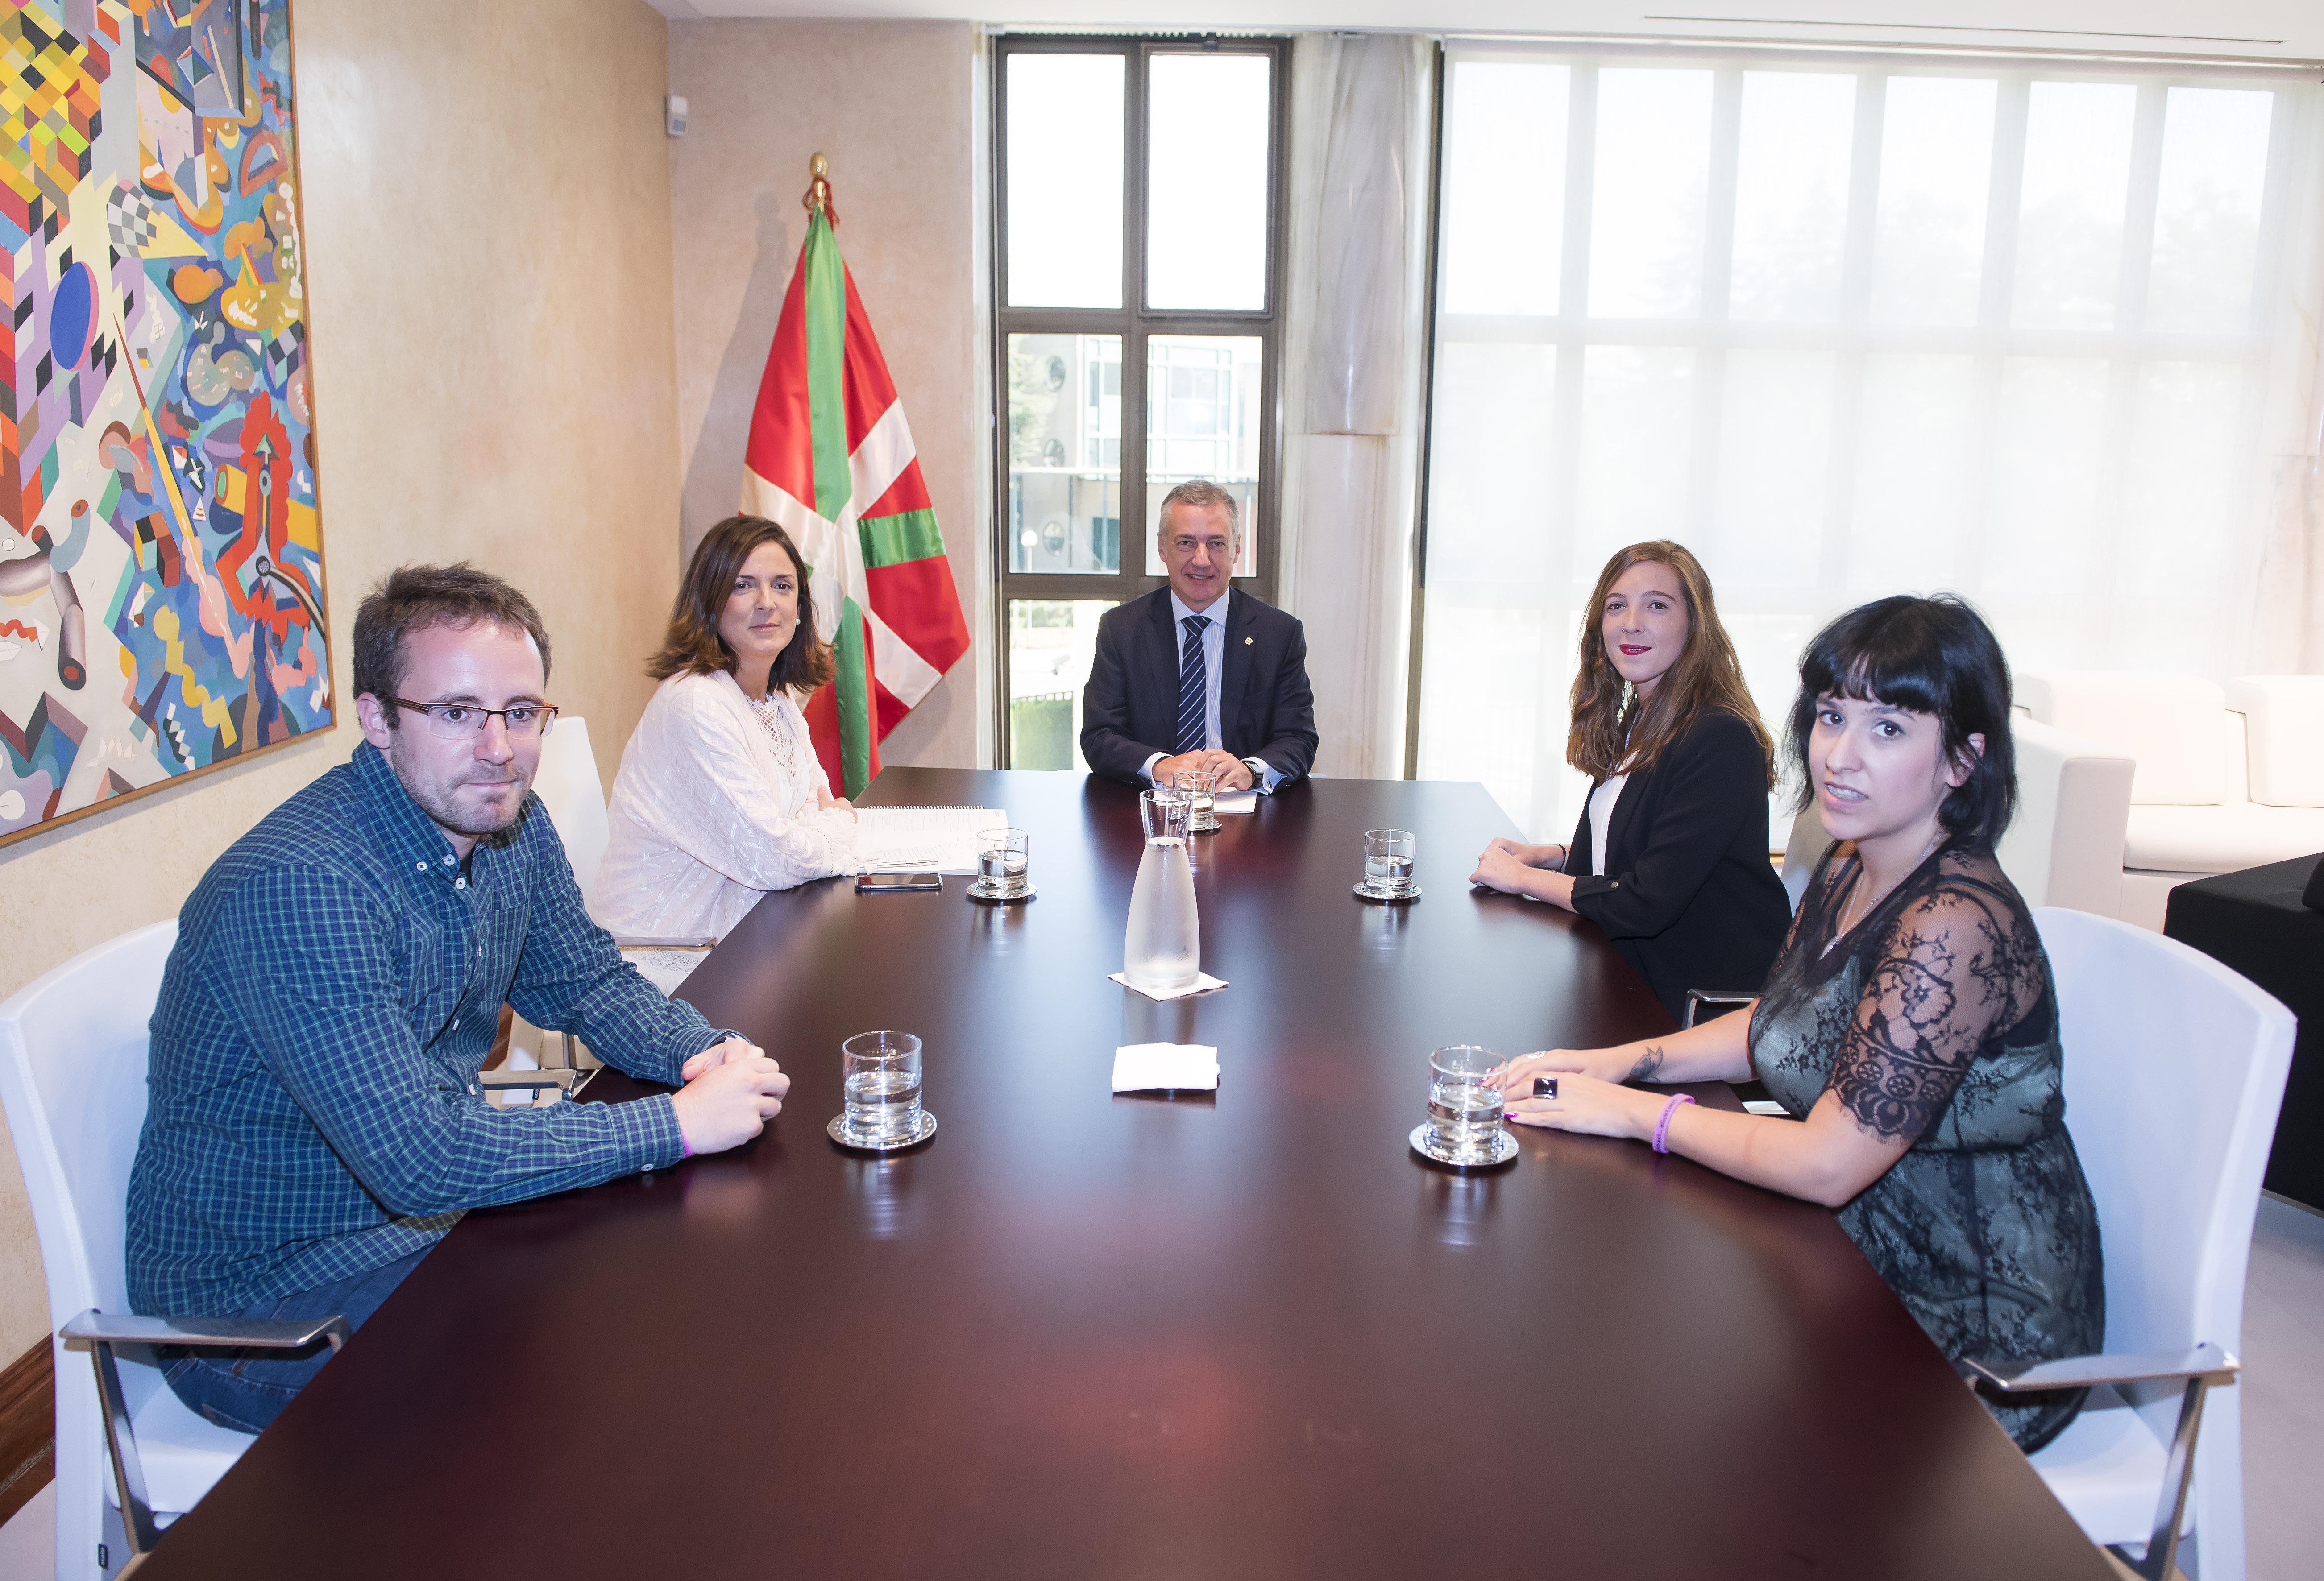 Lehendakariak Euskadiko Gazteriaren Kontseiluaren arduradunak hartu ditu